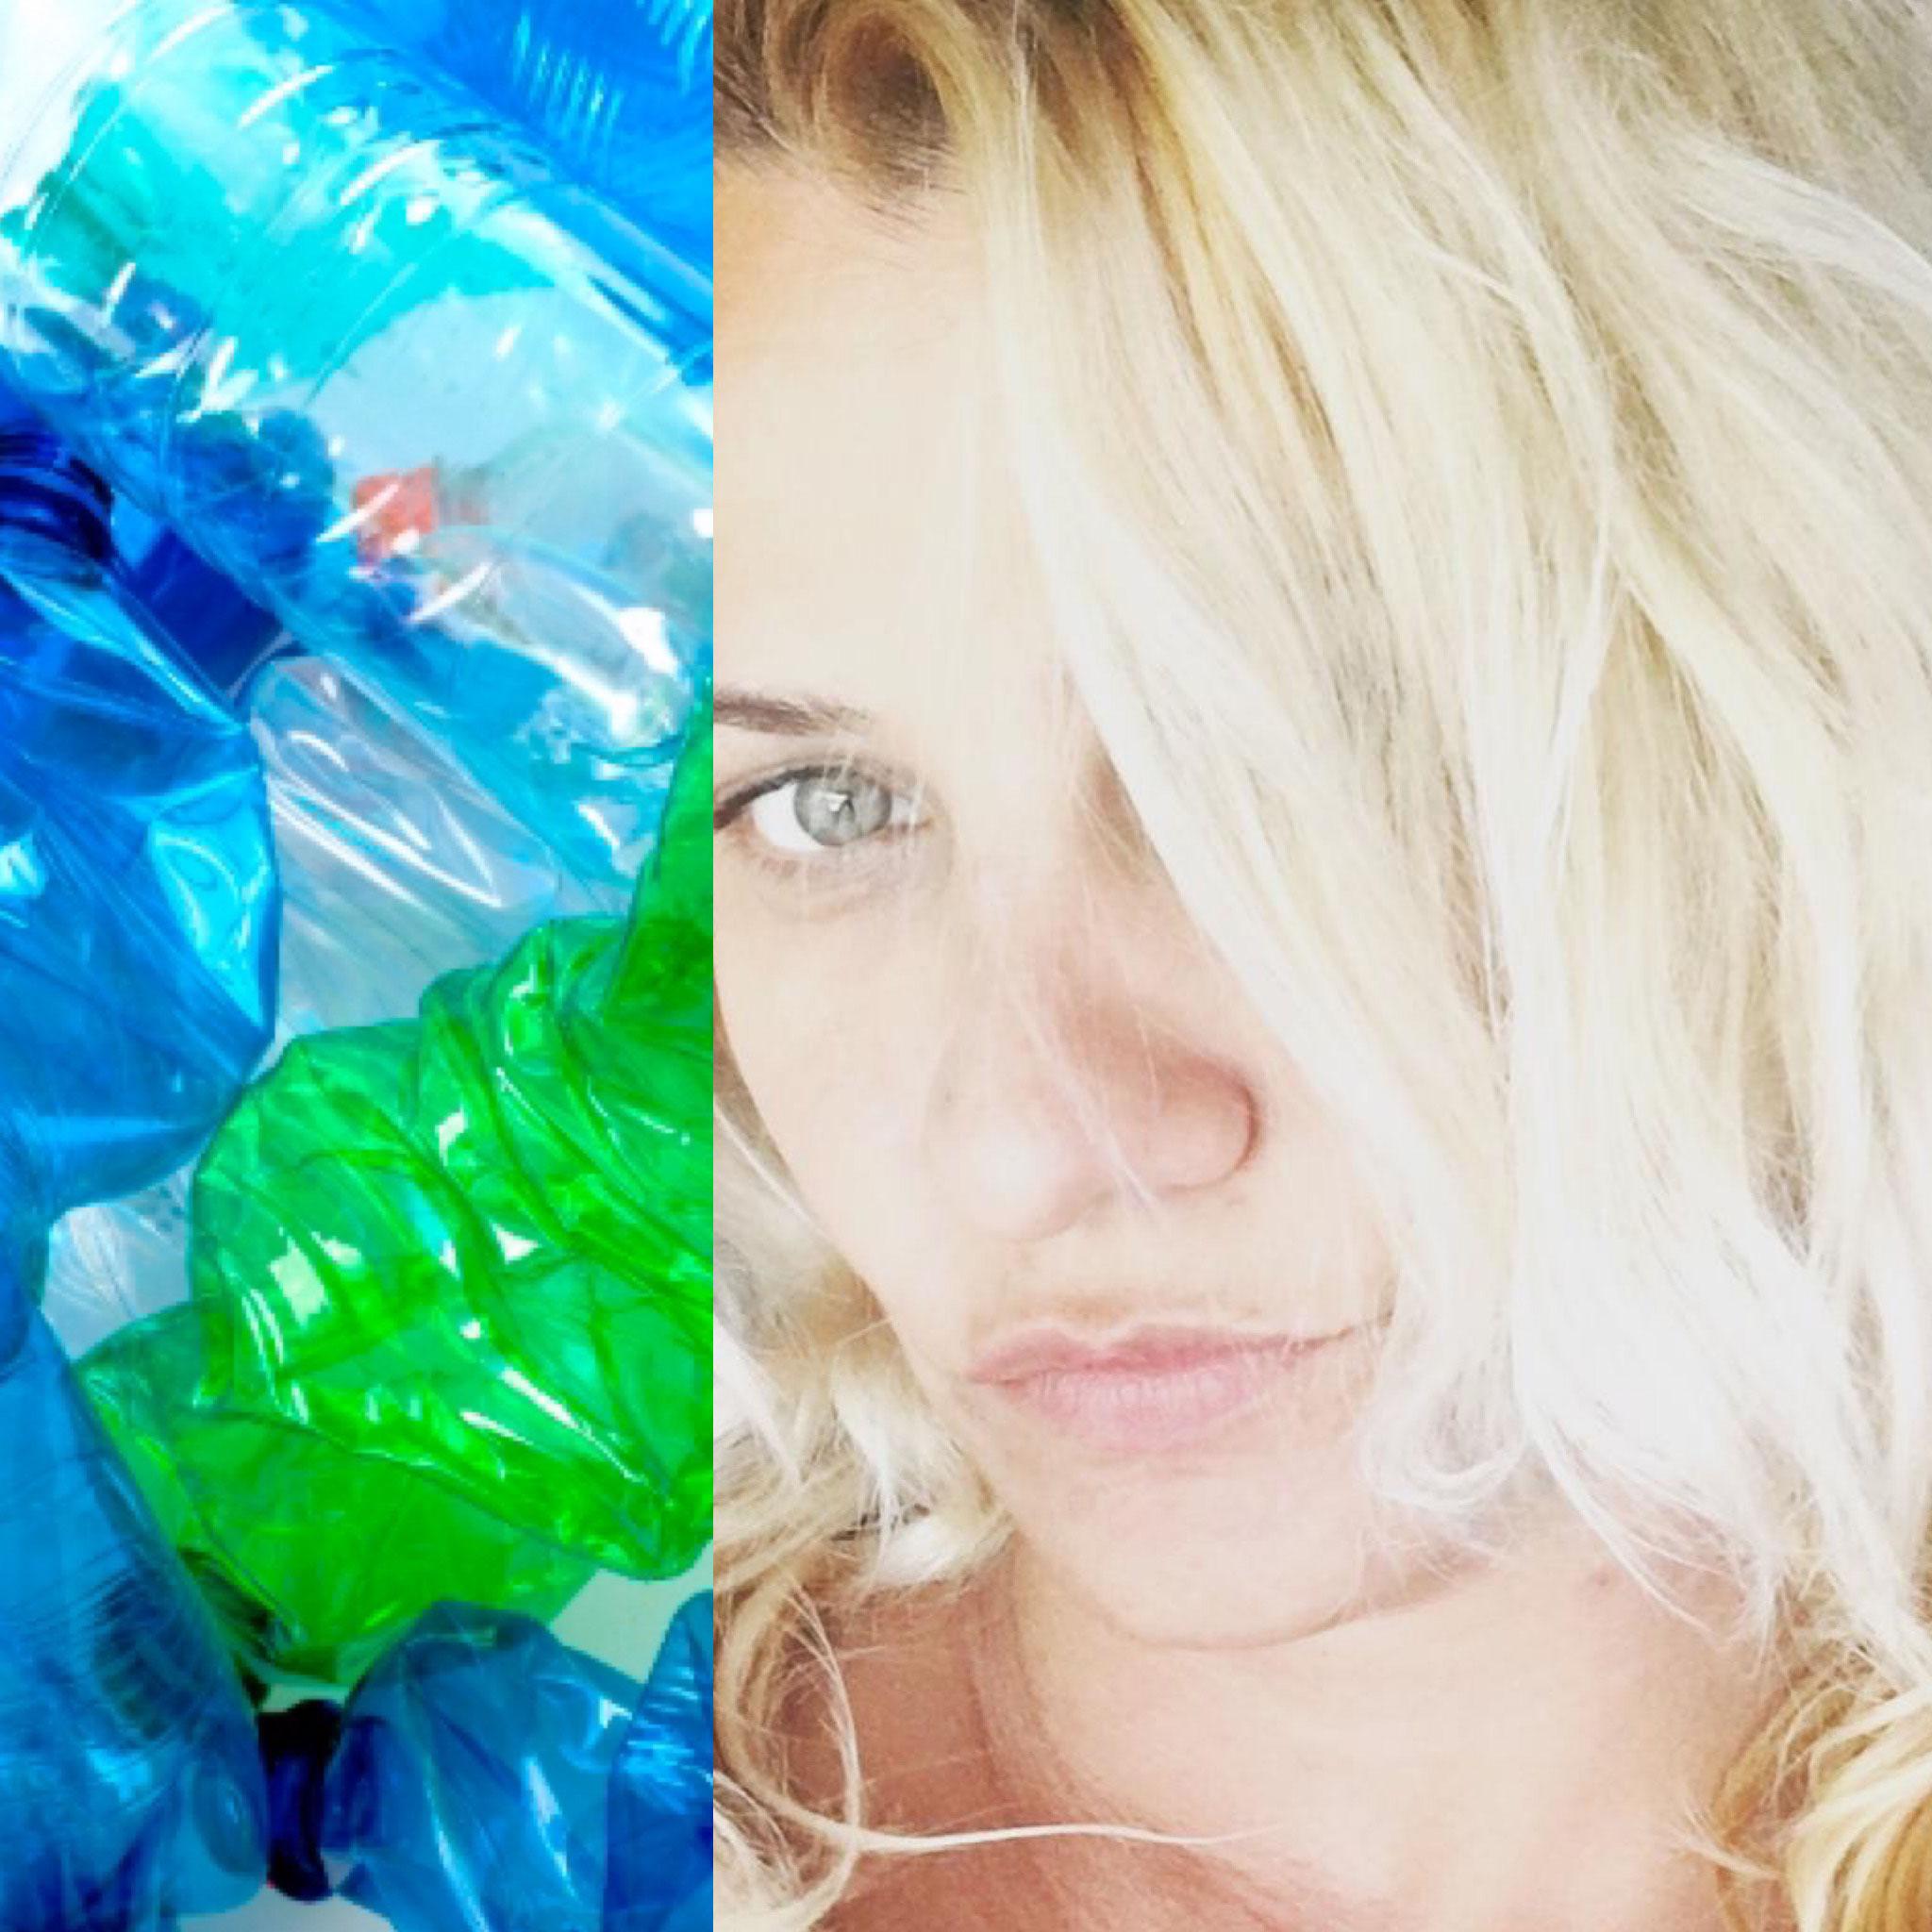 La mia storia di plastica